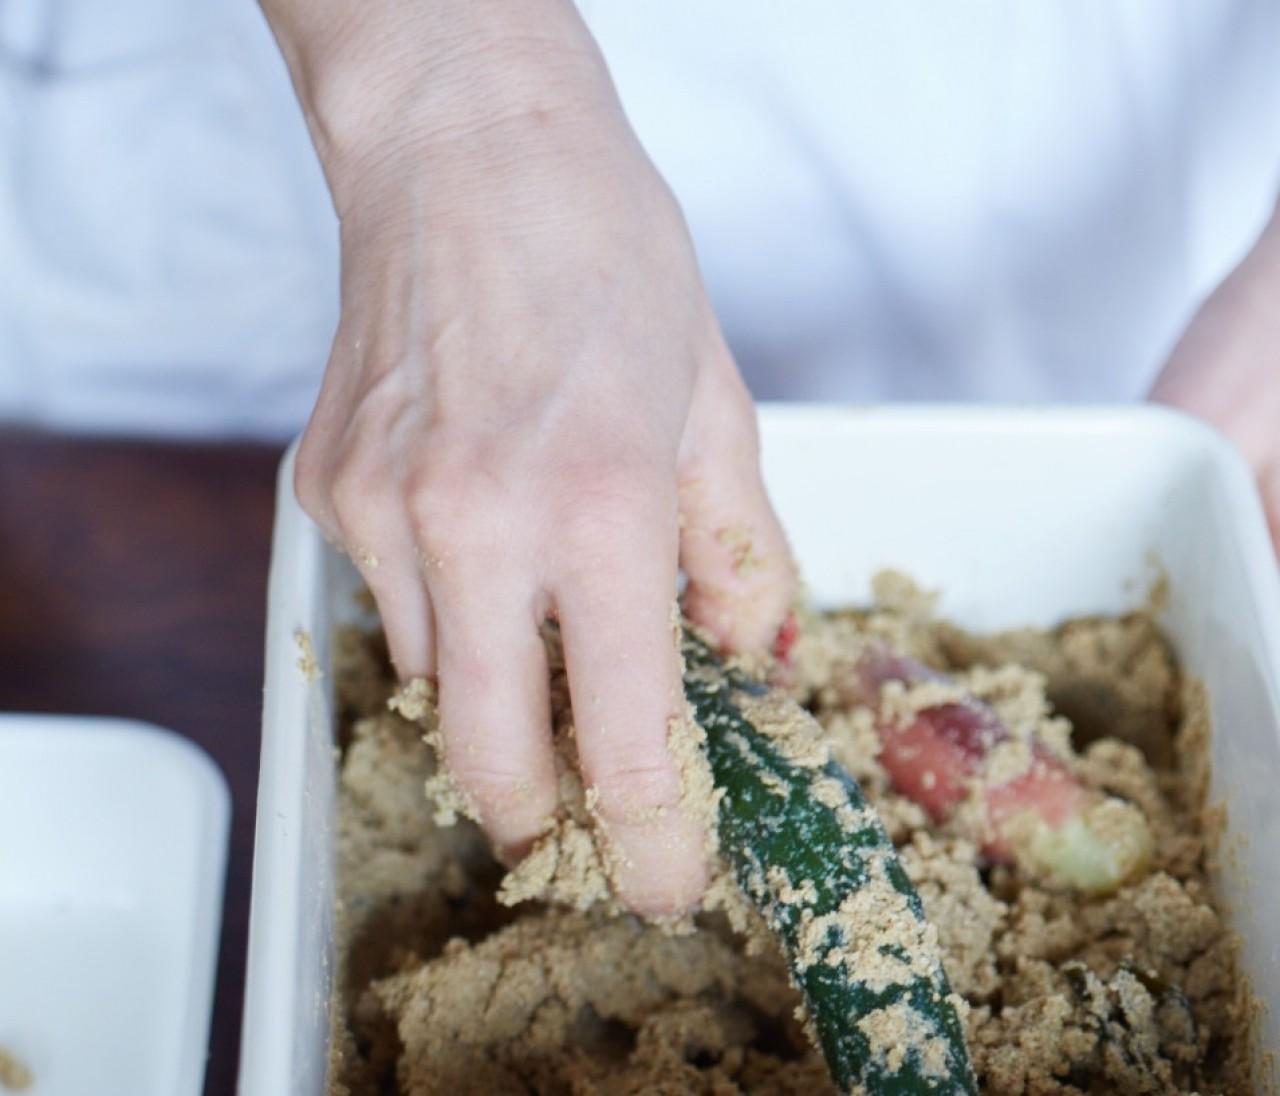 【基本のぬか漬けレシピ】美肌&免疫力アップ!おうちで簡単レシピ6